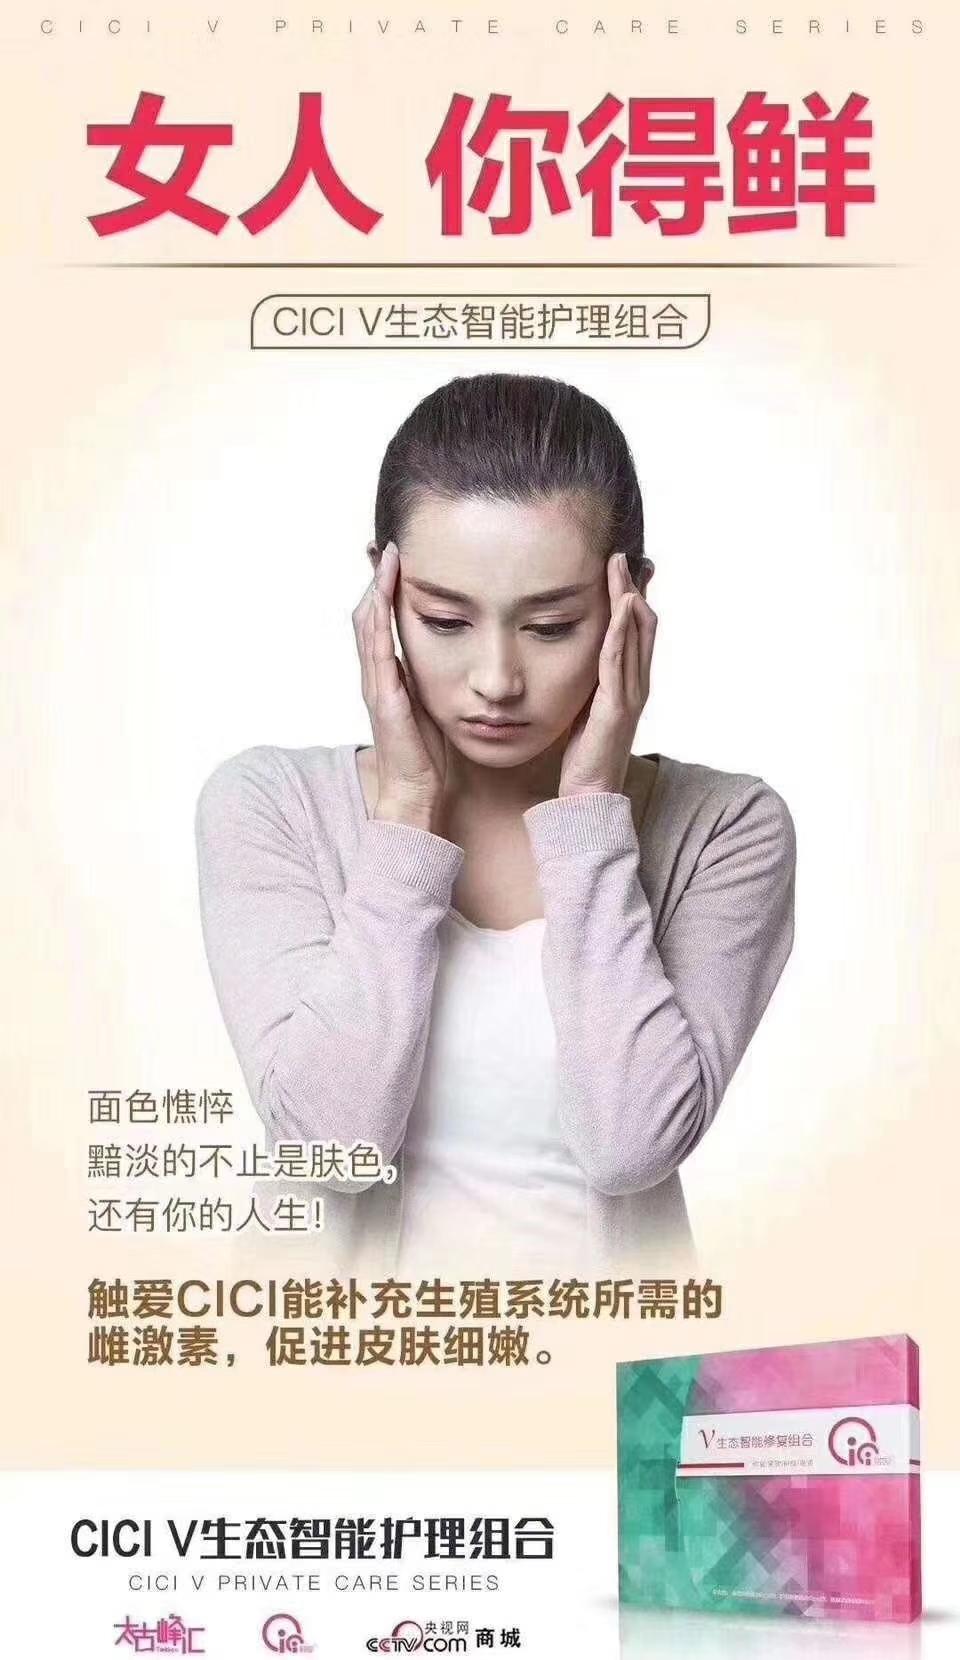 触爱cici调理妇科的纯中药成份凝胶